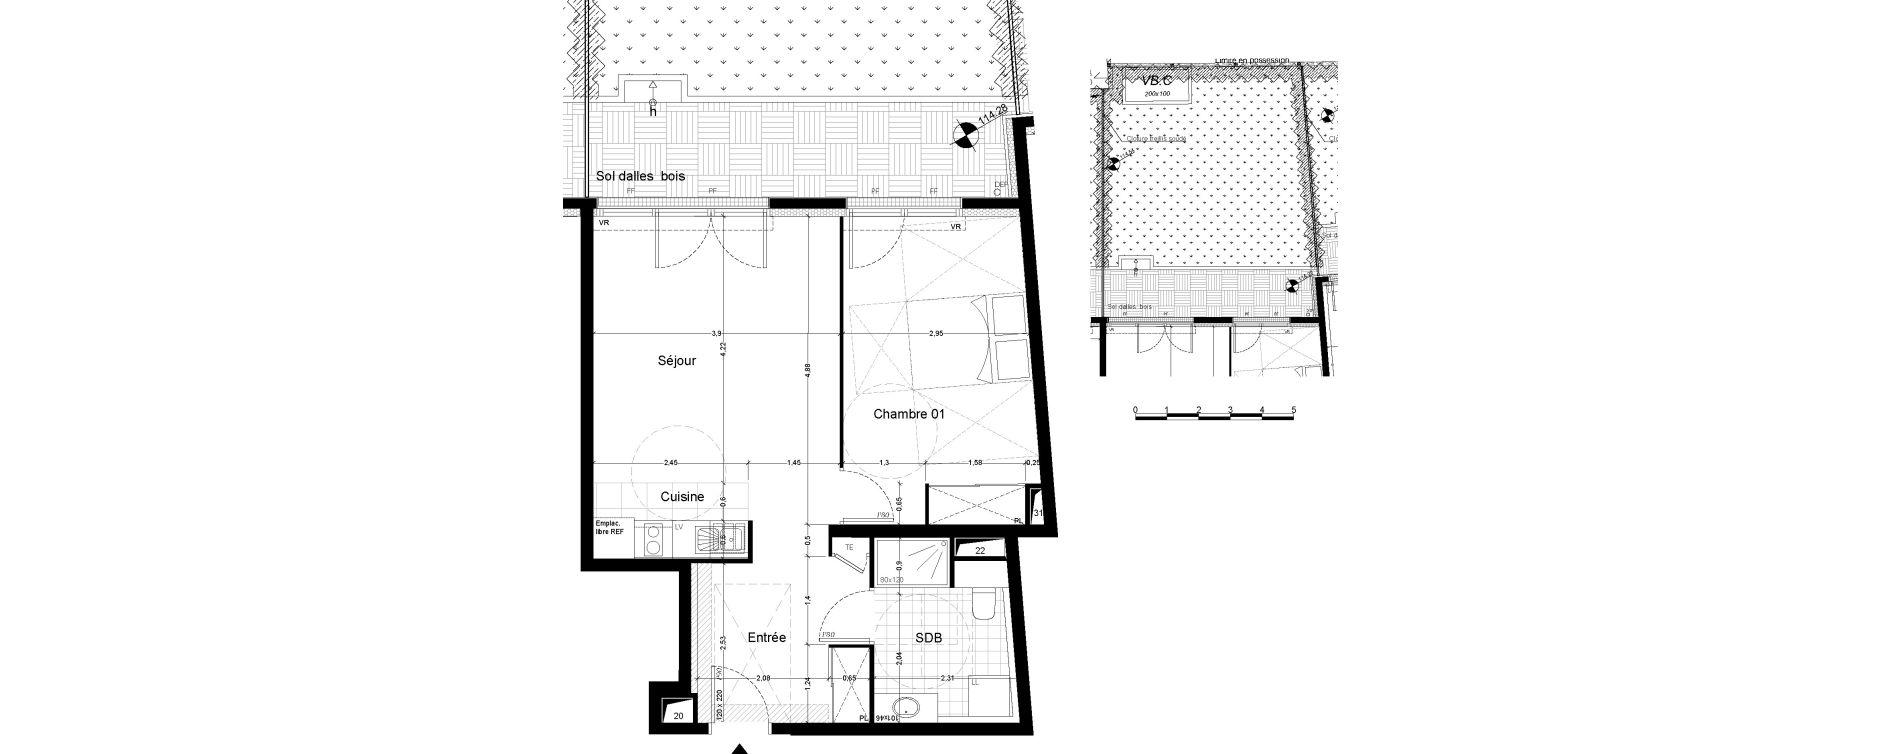 Appartement T2 de 48,70 m2 à Chaville Centre